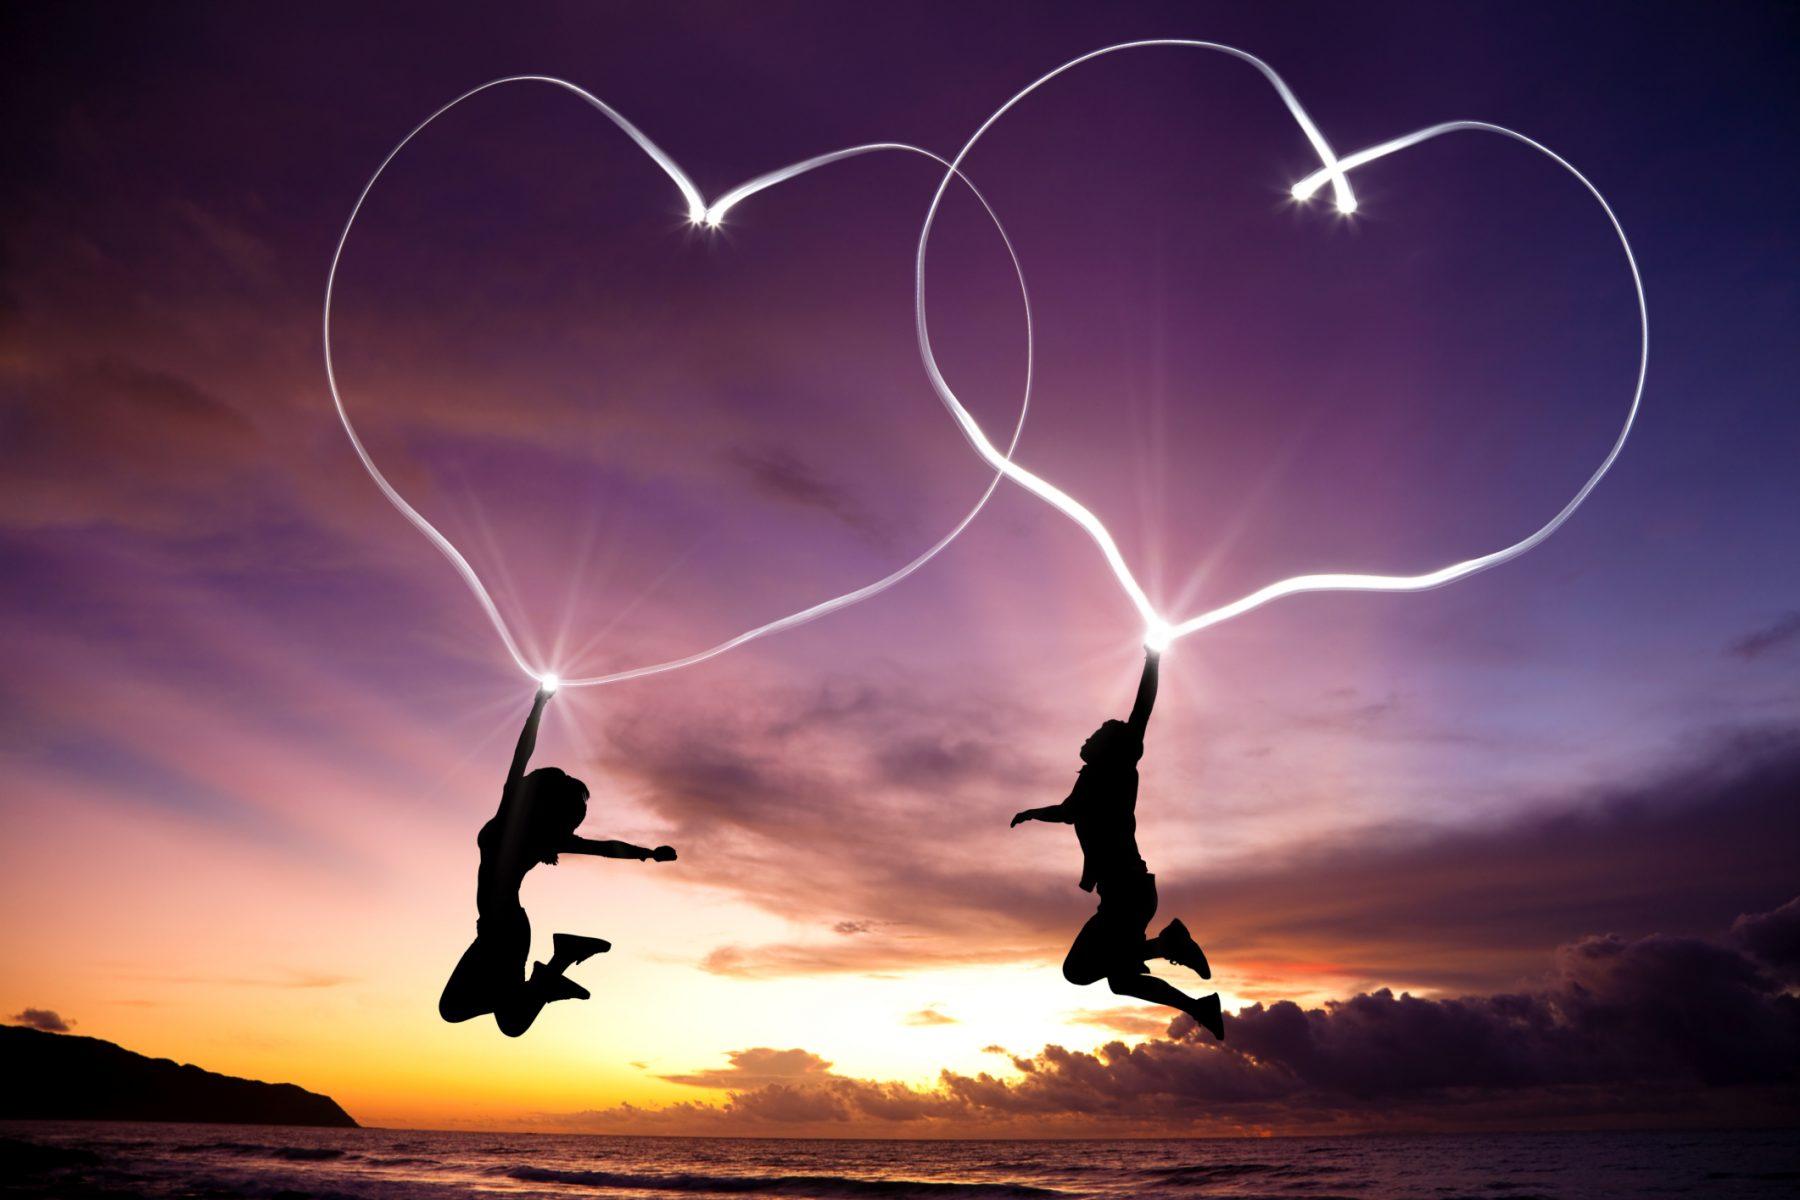 Η περιέργεια στον έρωτα: Όταν κάποιος θέλει να μάθει για εσένα…